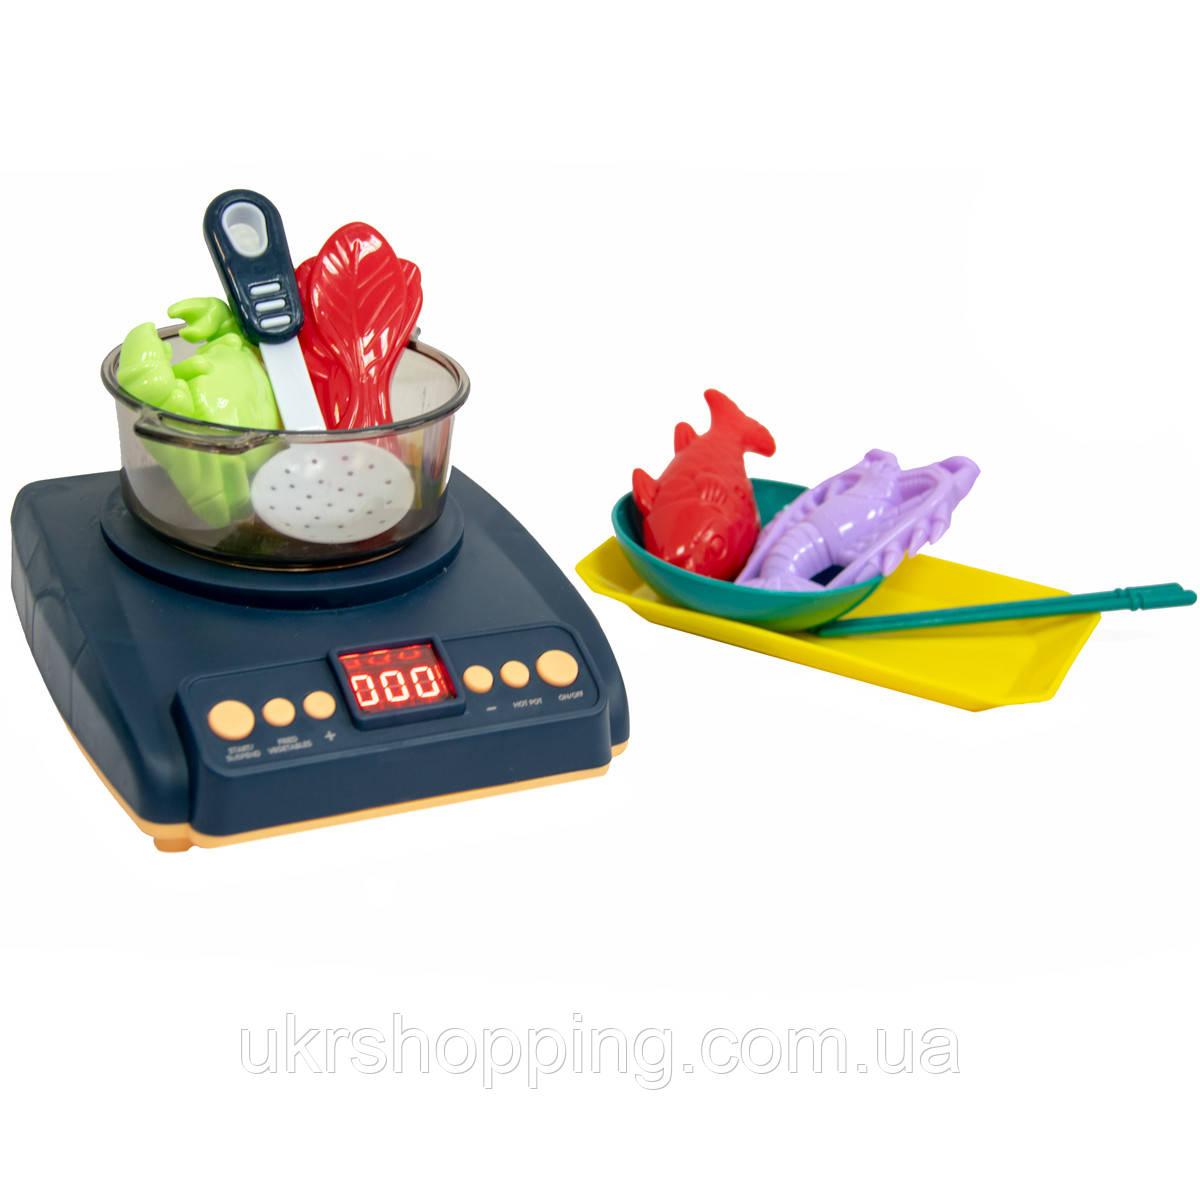 Игрушечная кухня для детей Induction cooker, игровая плита детская с паром и набор для лепки (SH)